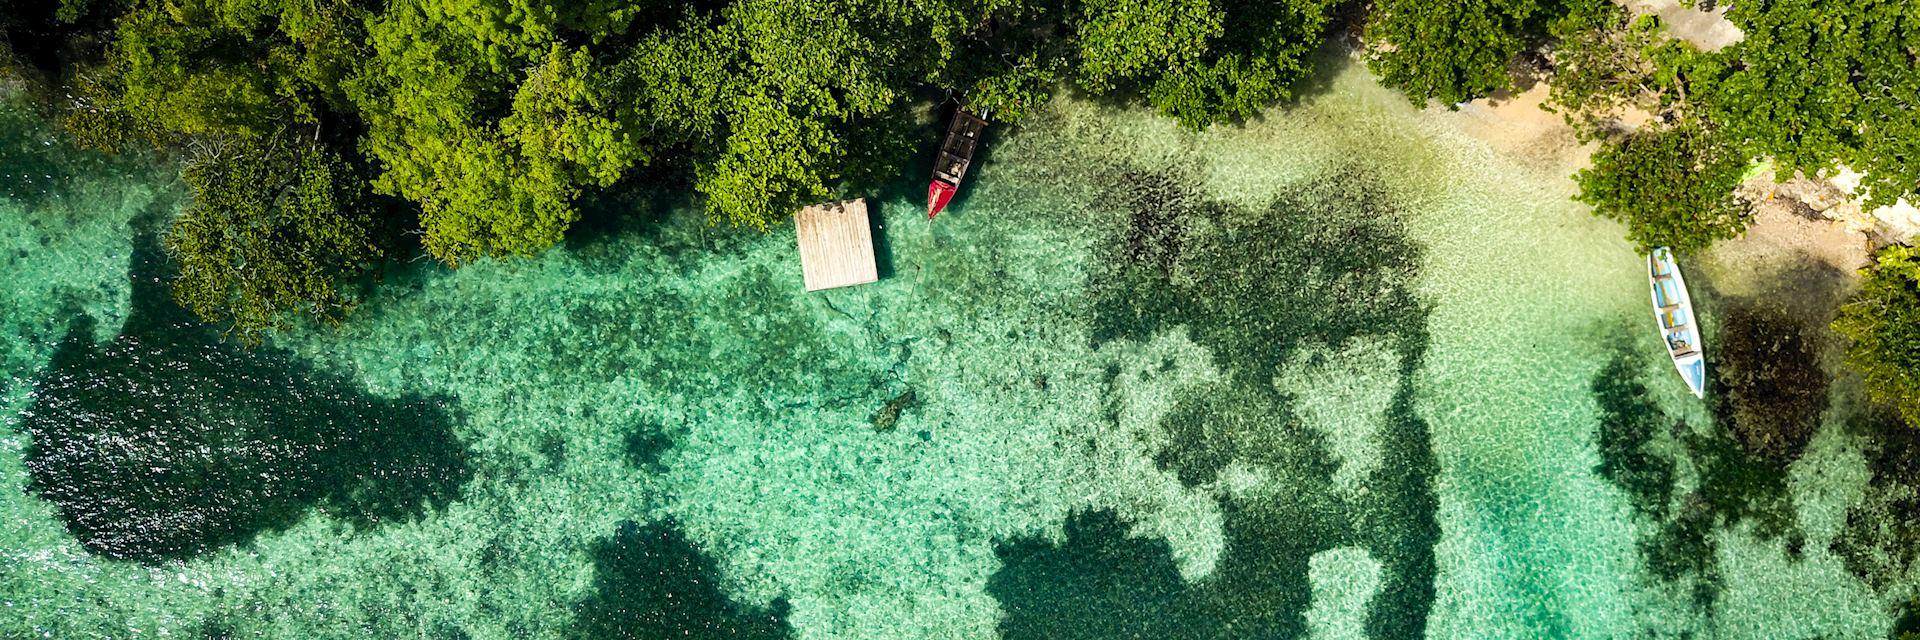 Frenchman's Cove, Port Antonio, Jamaica